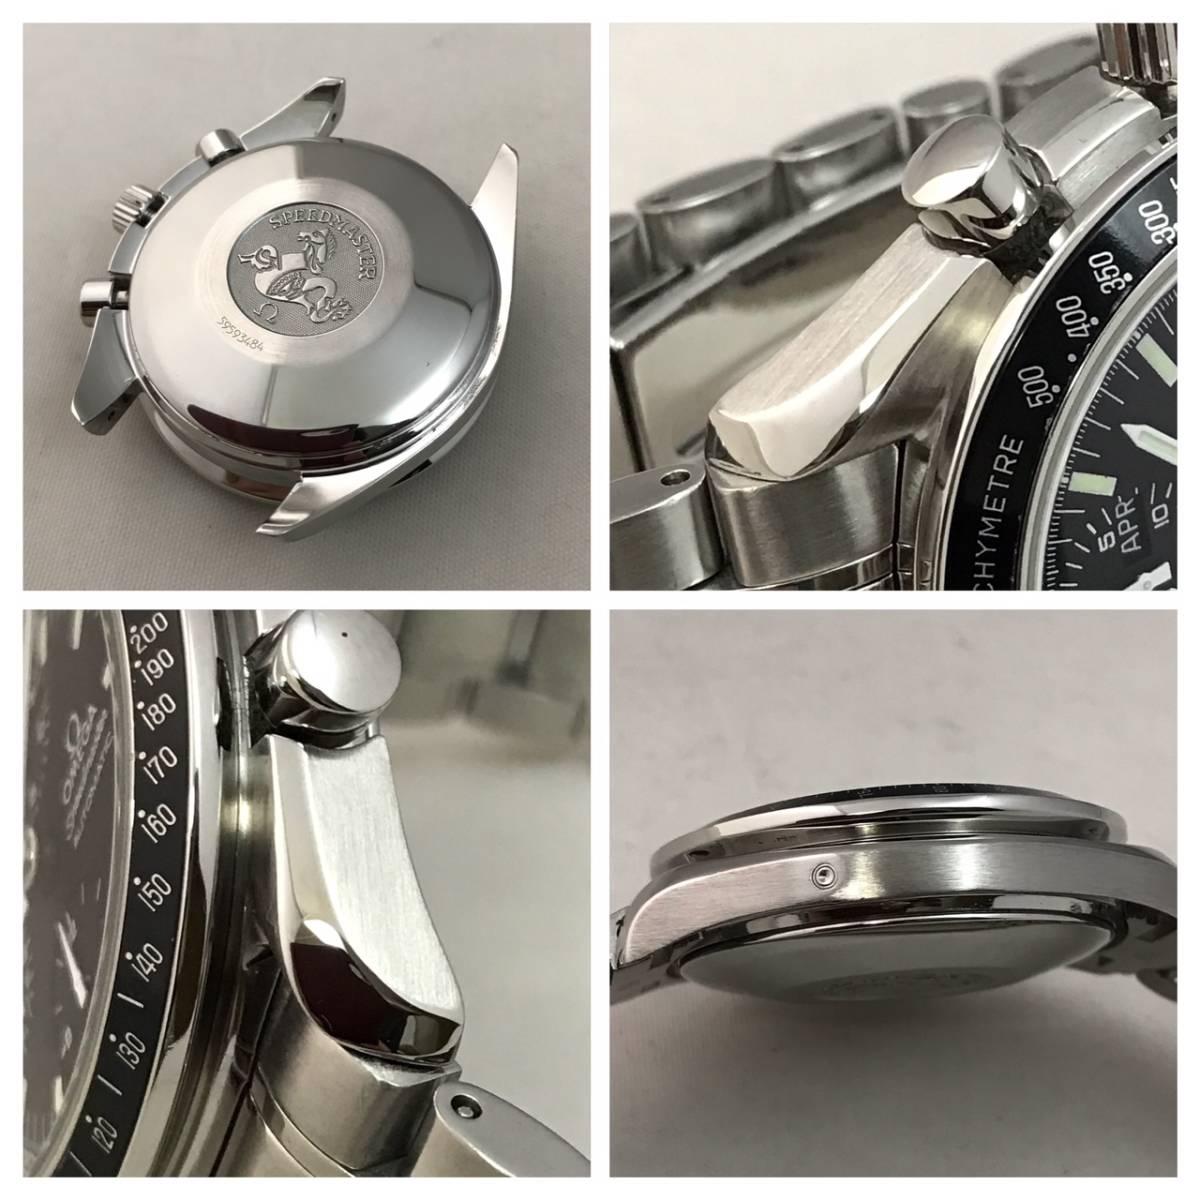 付属品付き☆OH済み美品のオメガ・スピードマスター時計・マーク40・コスモス☆_画像7